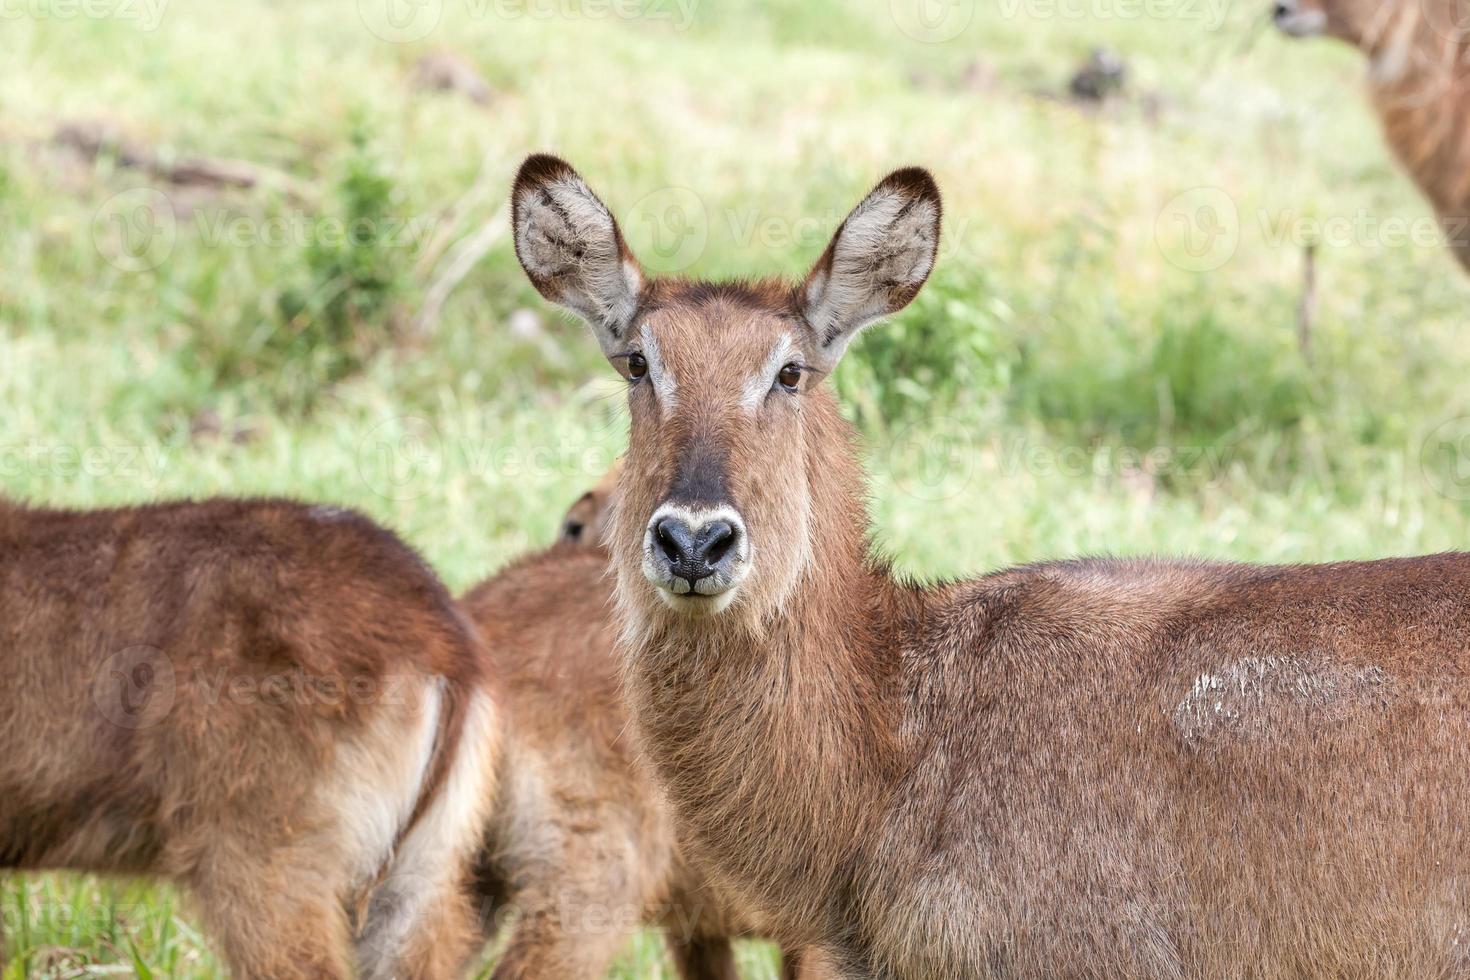 Antilope auf einem Hintergrund des Grases foto